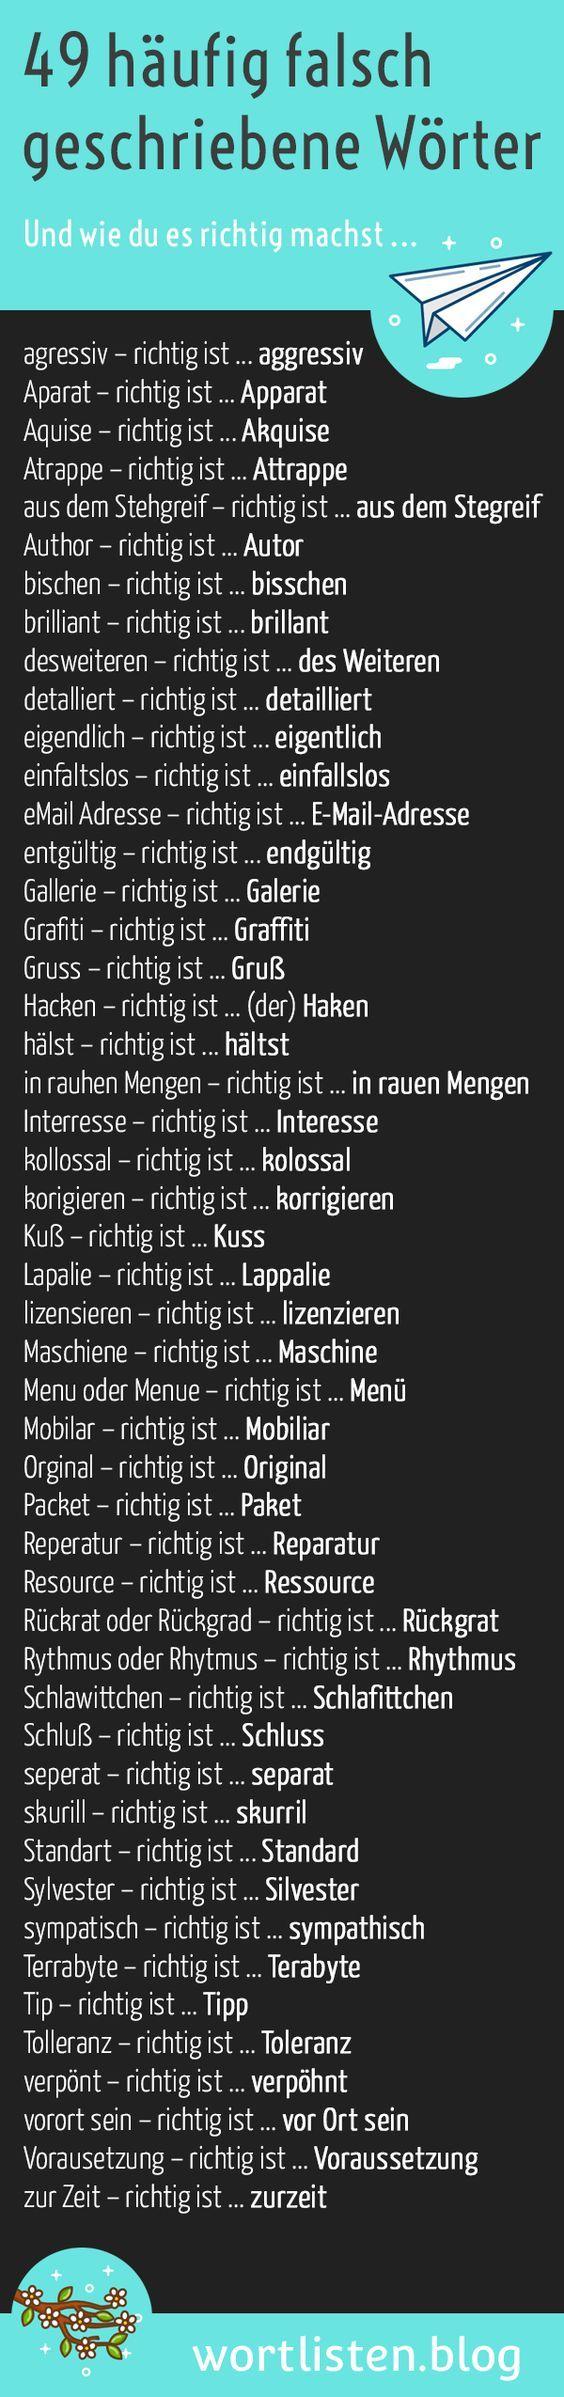 Perfekt muss es nicht sein, die gröbsten Fehler aber kannst du vermeiden. Achte auf diese alphabetisch sortierten #Wörter und präge sie dir ein. #Rechtscheibung